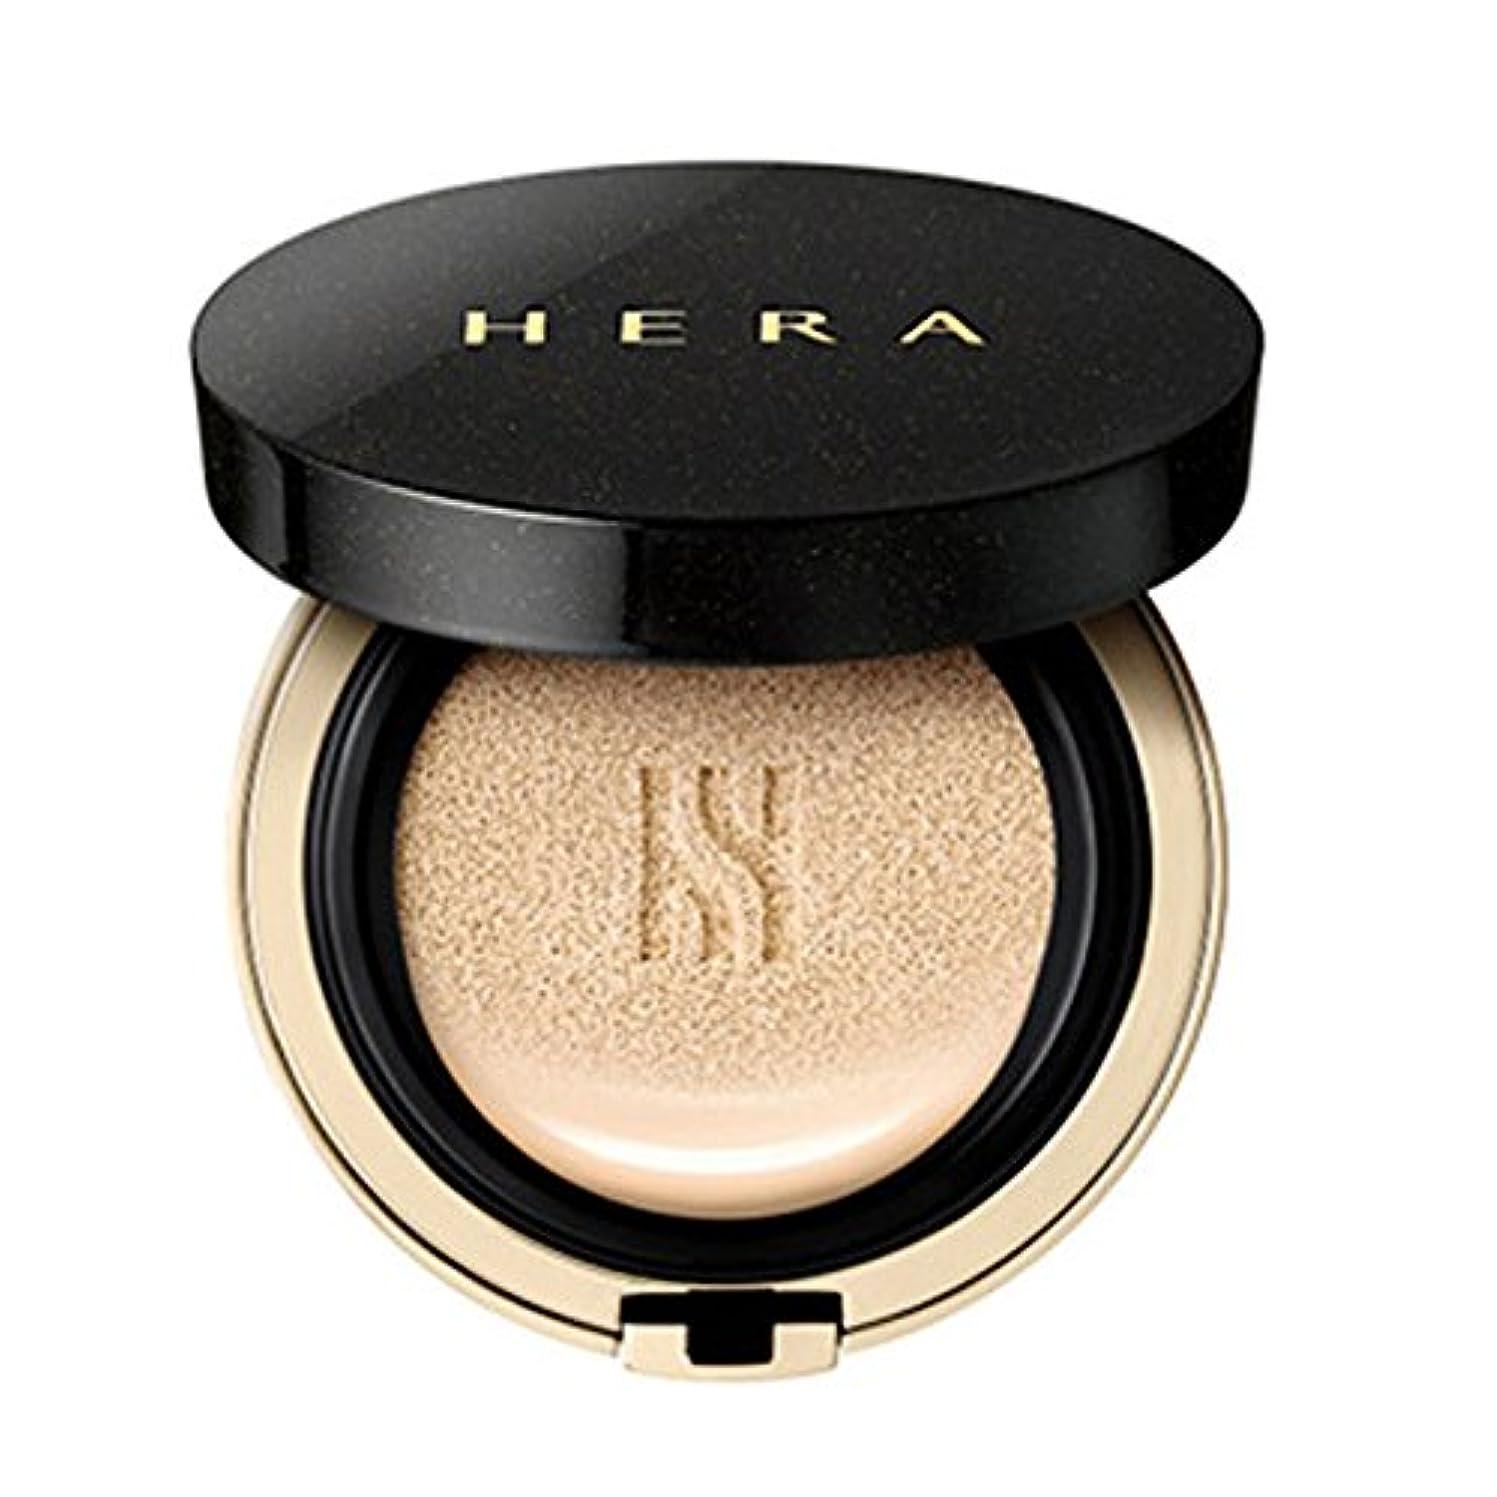 HERA(ヘラ) ブラッククッションファンデーション 本体15ml+リフィル15ml(各1個) (21号バニラ)